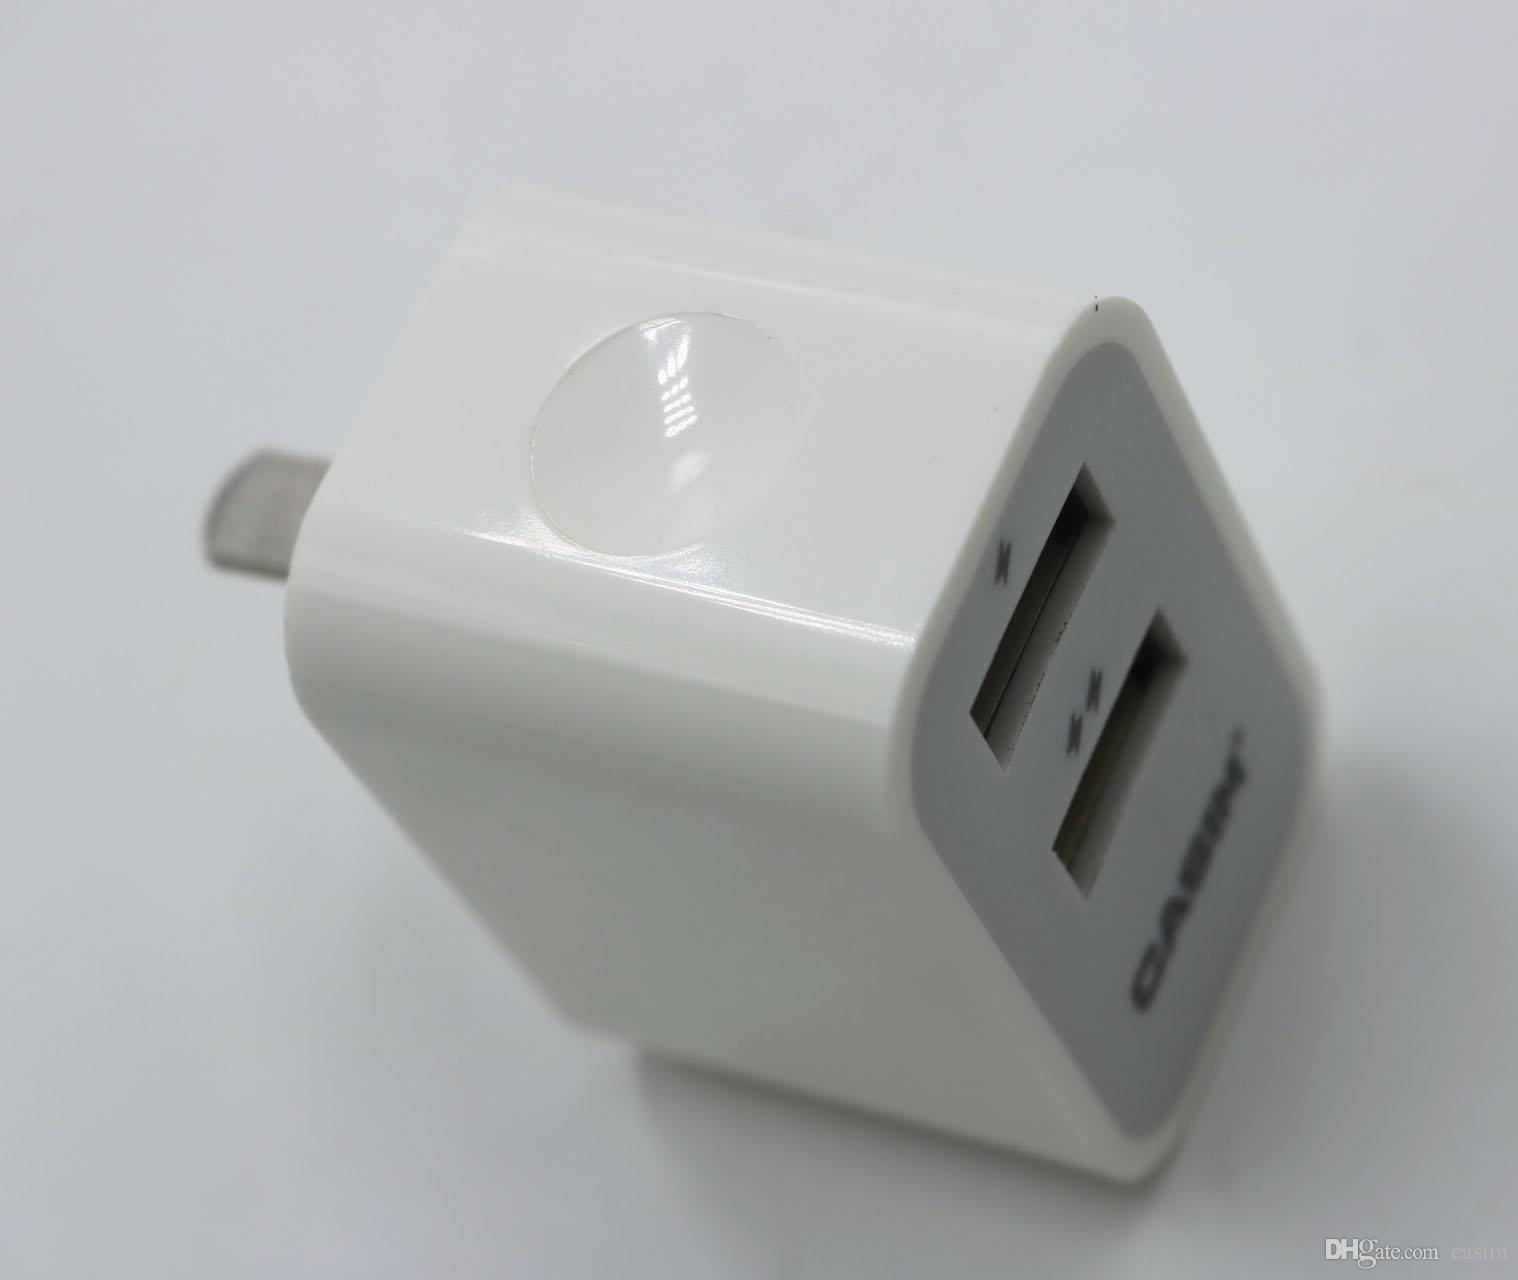 Casim S-U34 Orijinal yüksek kalite 5 V 2.1A Fiş Seyahat Evrensel ABD Ev Duvar Şarj 2 USB Portları Akıllı Hızlı Şarj